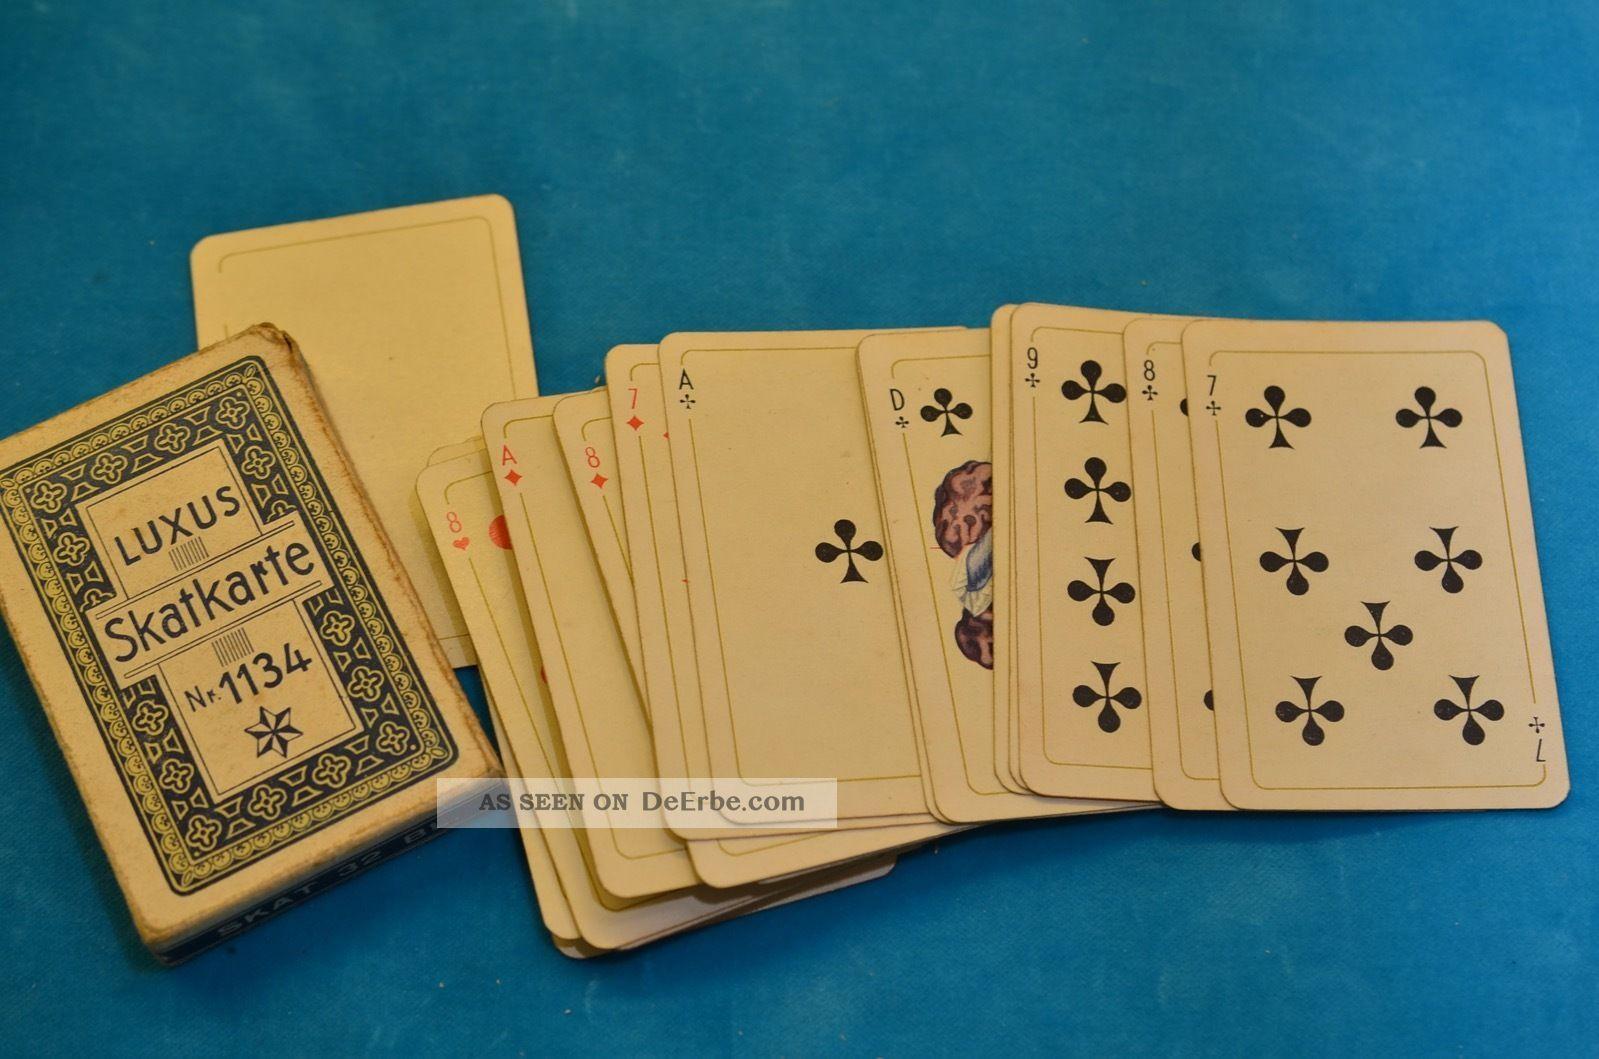 Alte Luxus Skatkarte Nr.  1134 Kartenspiel Aus Den 40er Jahren Gefertigt vor 1945 Bild